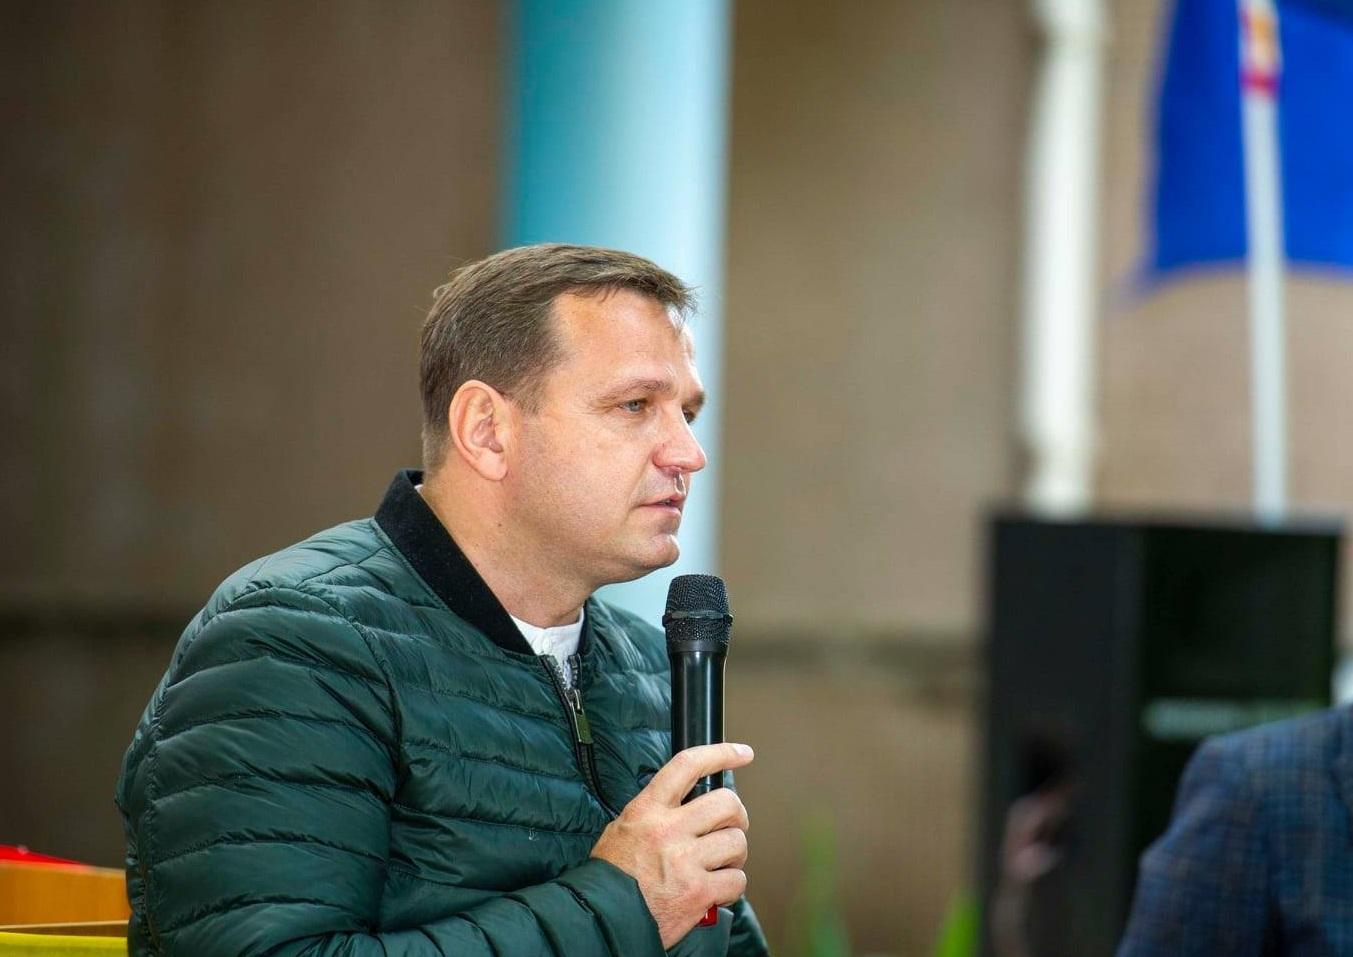 Năstase: După victoria din speța Transnistra, împreună cu Iana Stanțieru şi avocatul Ion Botnarenco am obținut o primă victorie în cazul diaspora